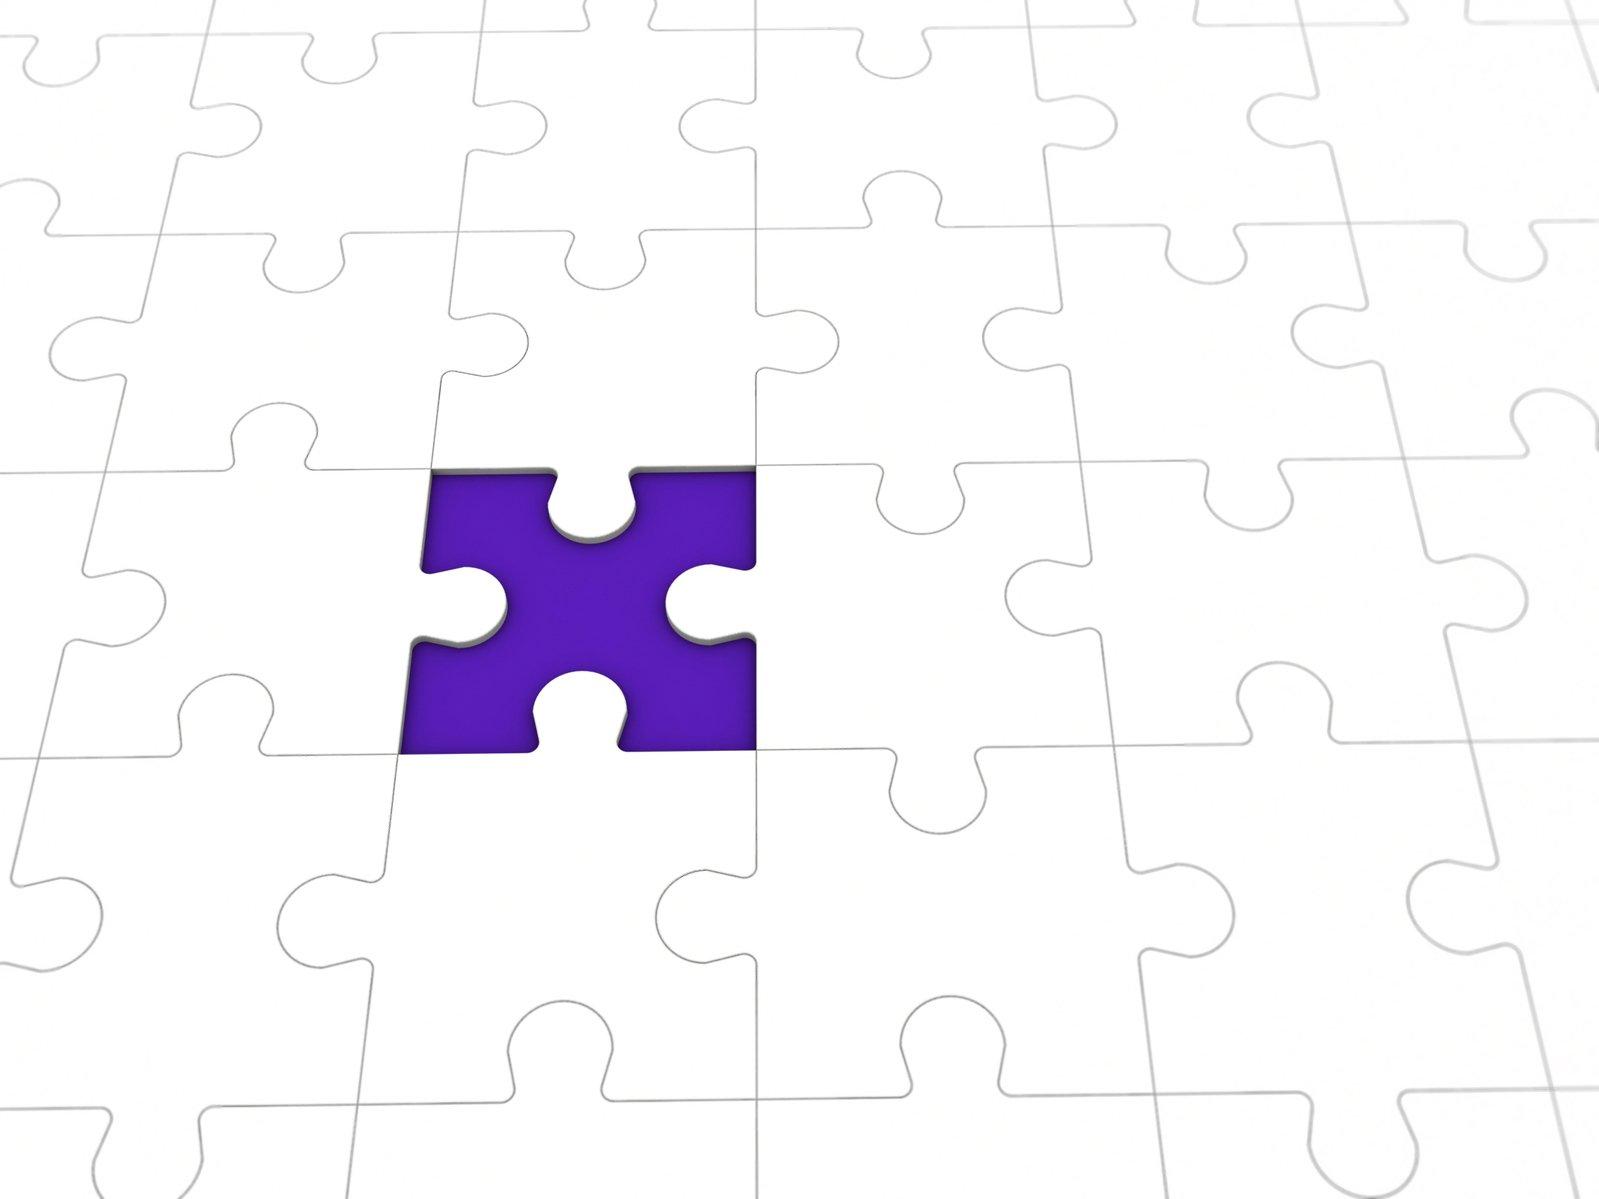 Puzzle missing